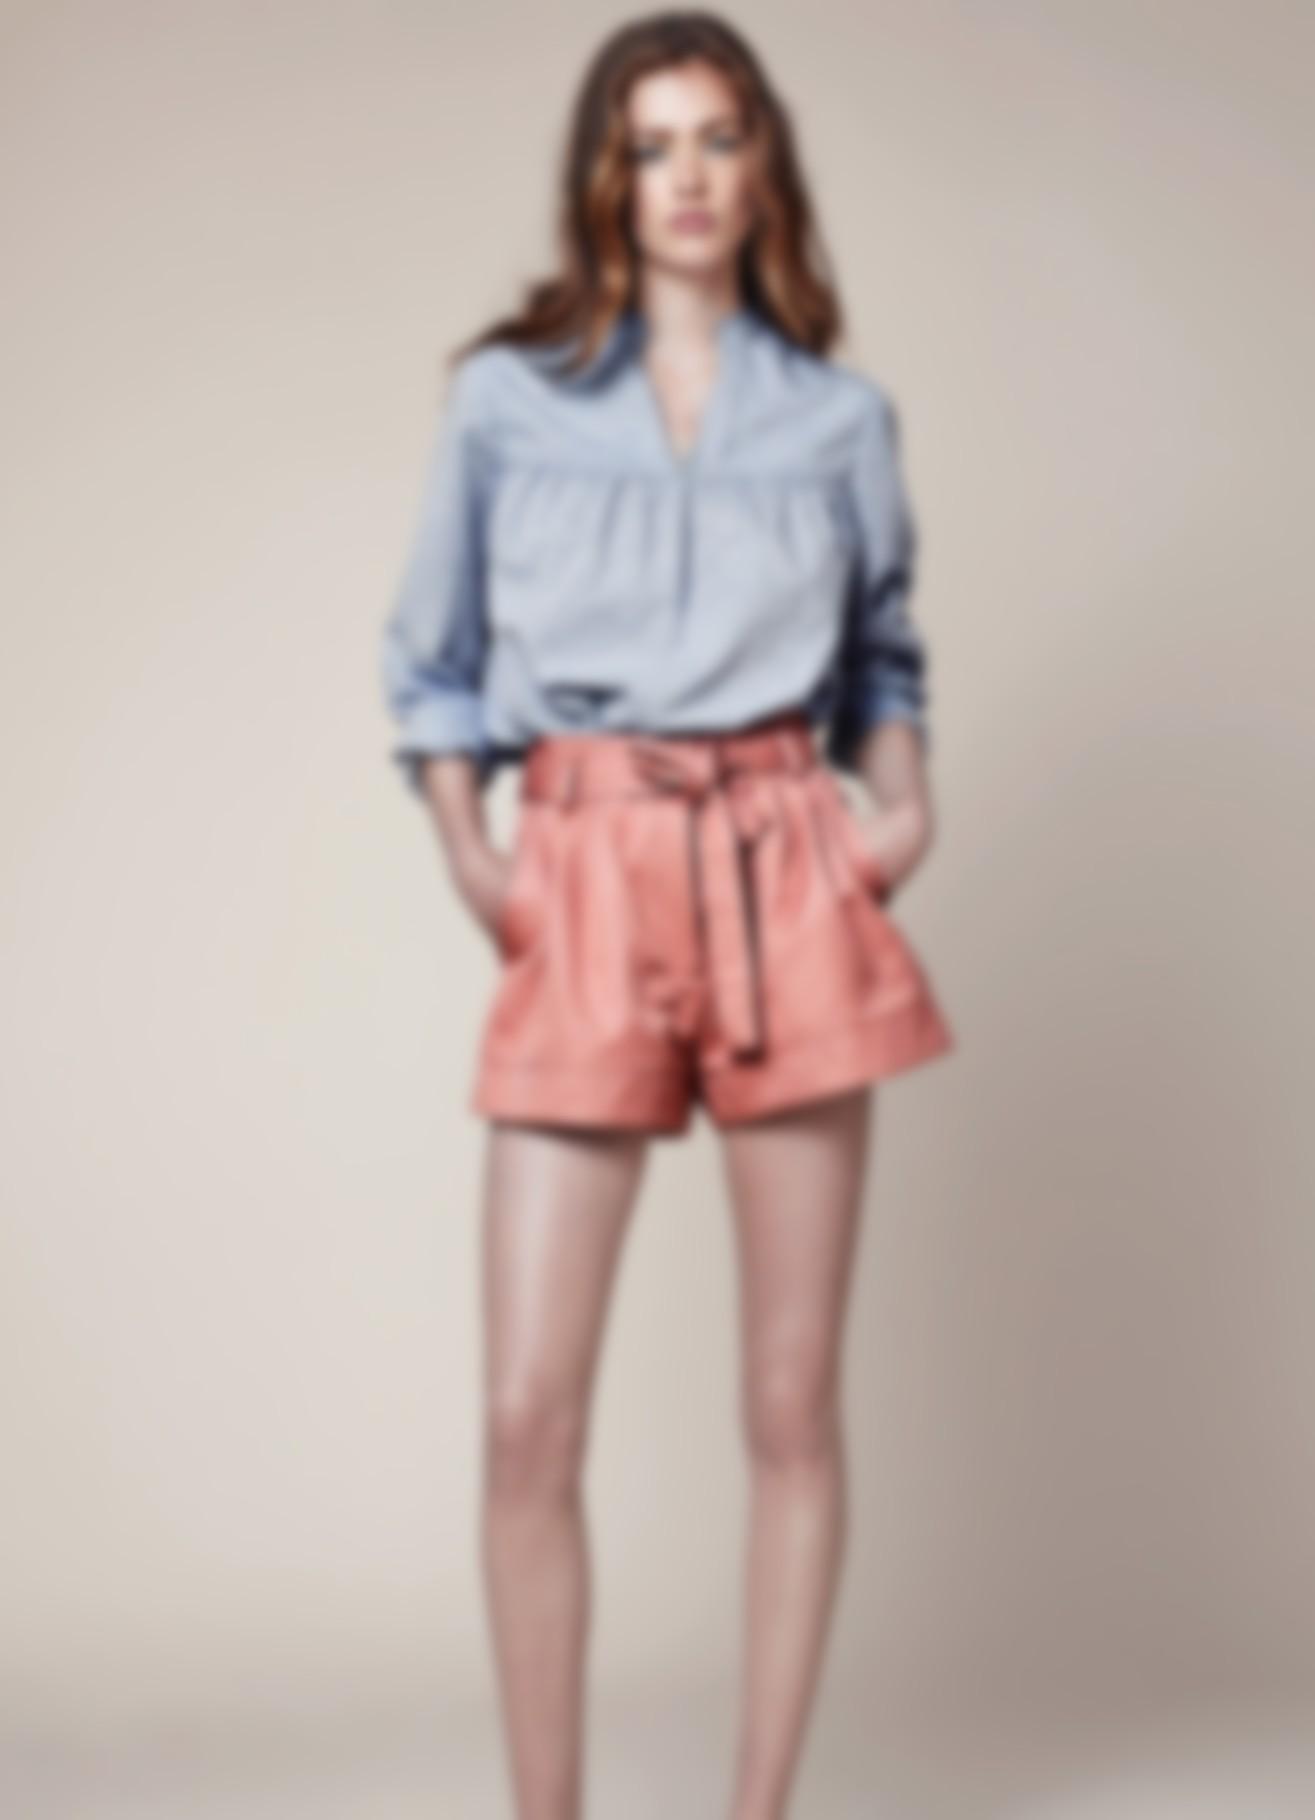 041826c1450 с джинсами блузки 2019 года весной-летом комбинируют все без исключения.  Кто-то – наиболее строгие